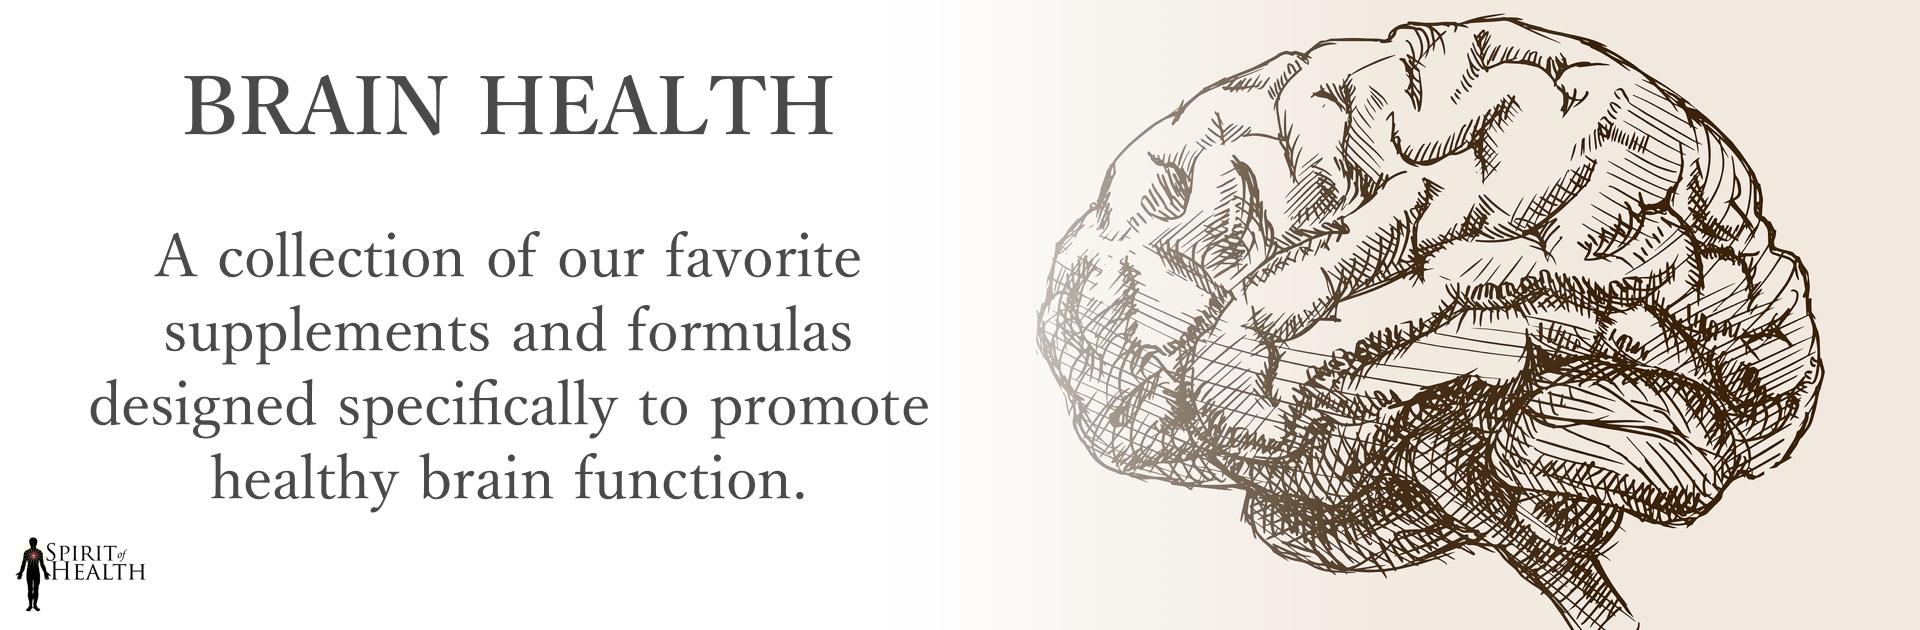 brain-.jpg